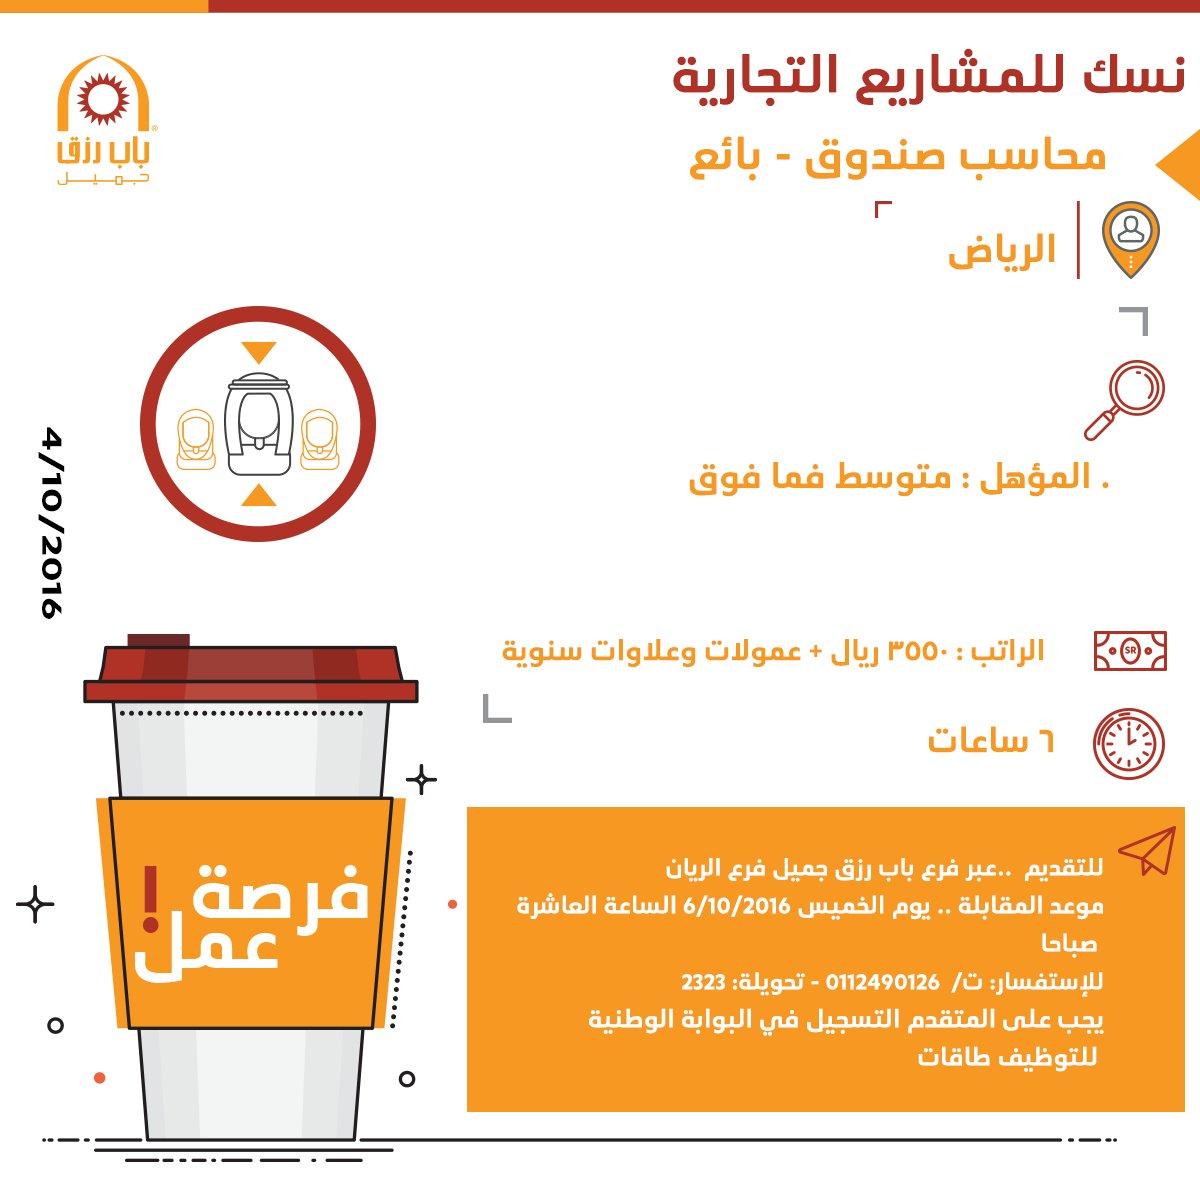 غدا الخميس التقديم على وظيفة محاسب صندوق وبائع في شركة نسك للمشاريع التجارية - الرياض